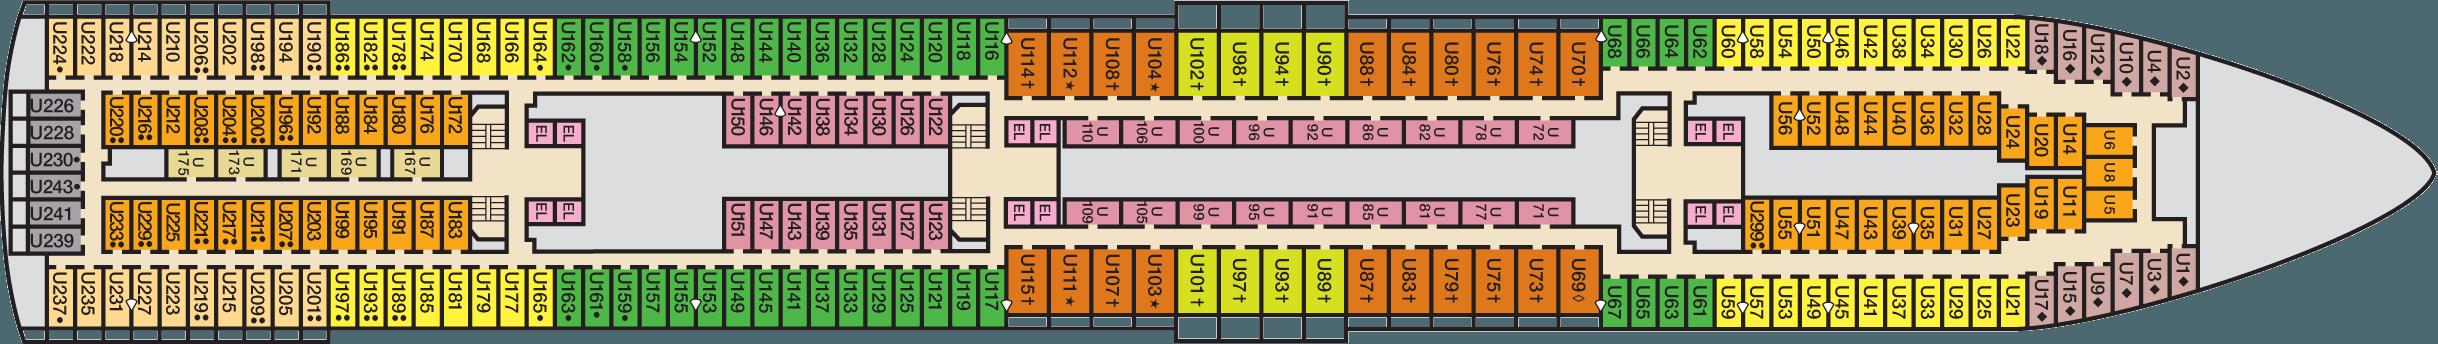 Deck 6 Upper